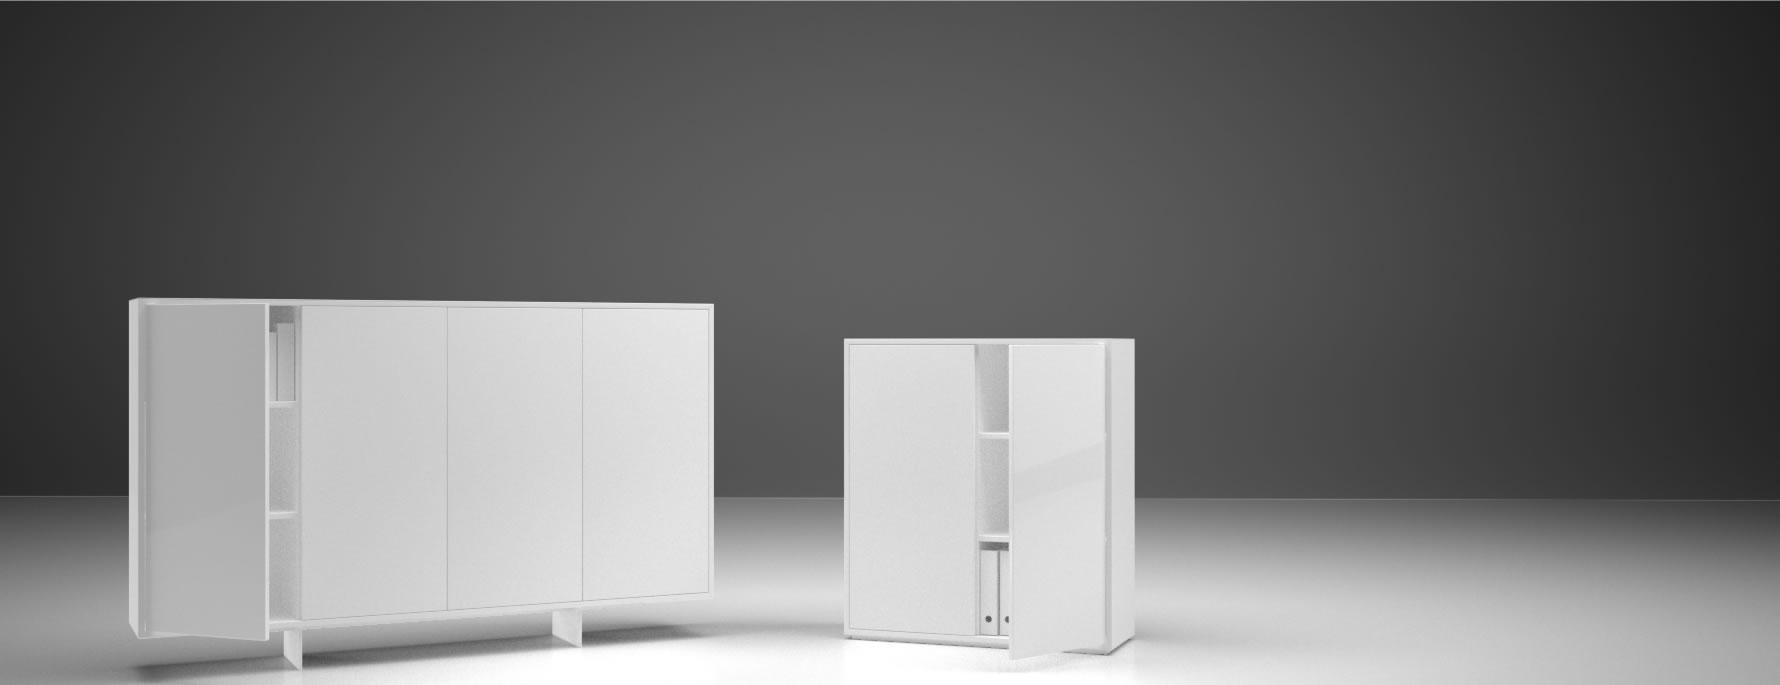 Highboard Auxiliator Elegantes Design Highboard Von Rechteck